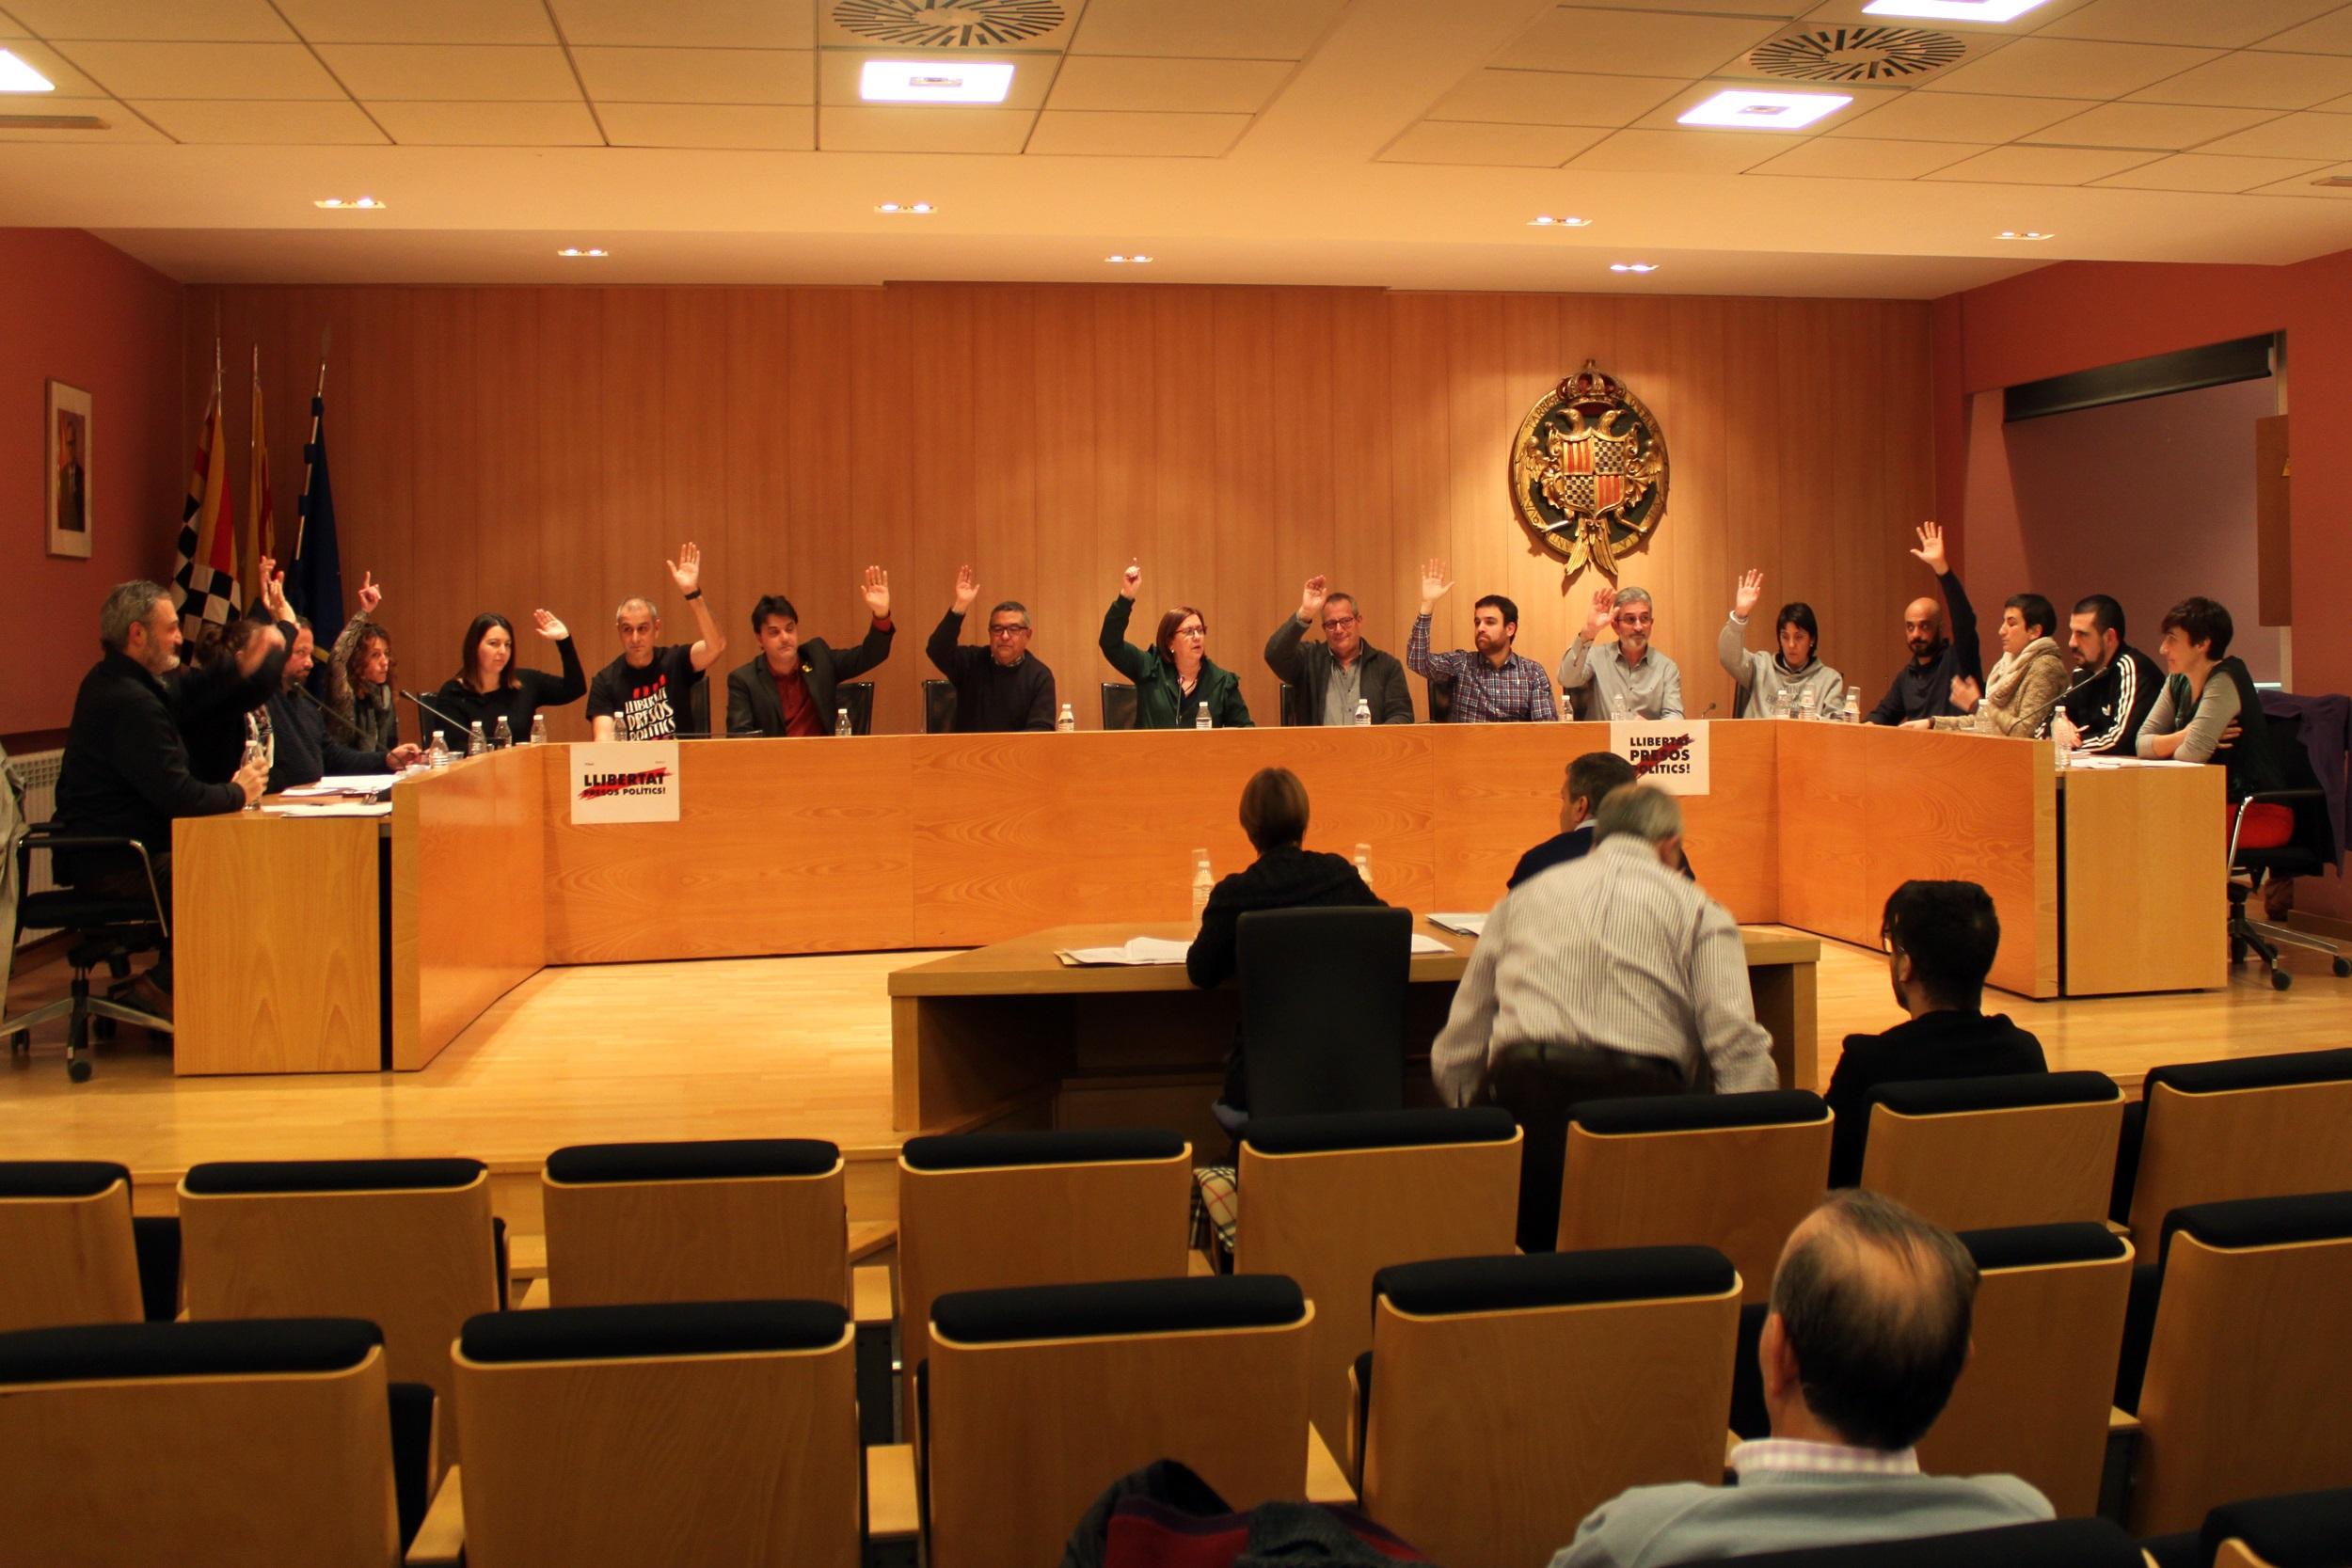 El Ple de Tàrrega aprova el pressupost municipal per al 2019, xifrat en 19,2 milions d'euros i amb un creixement del 20% en inversions